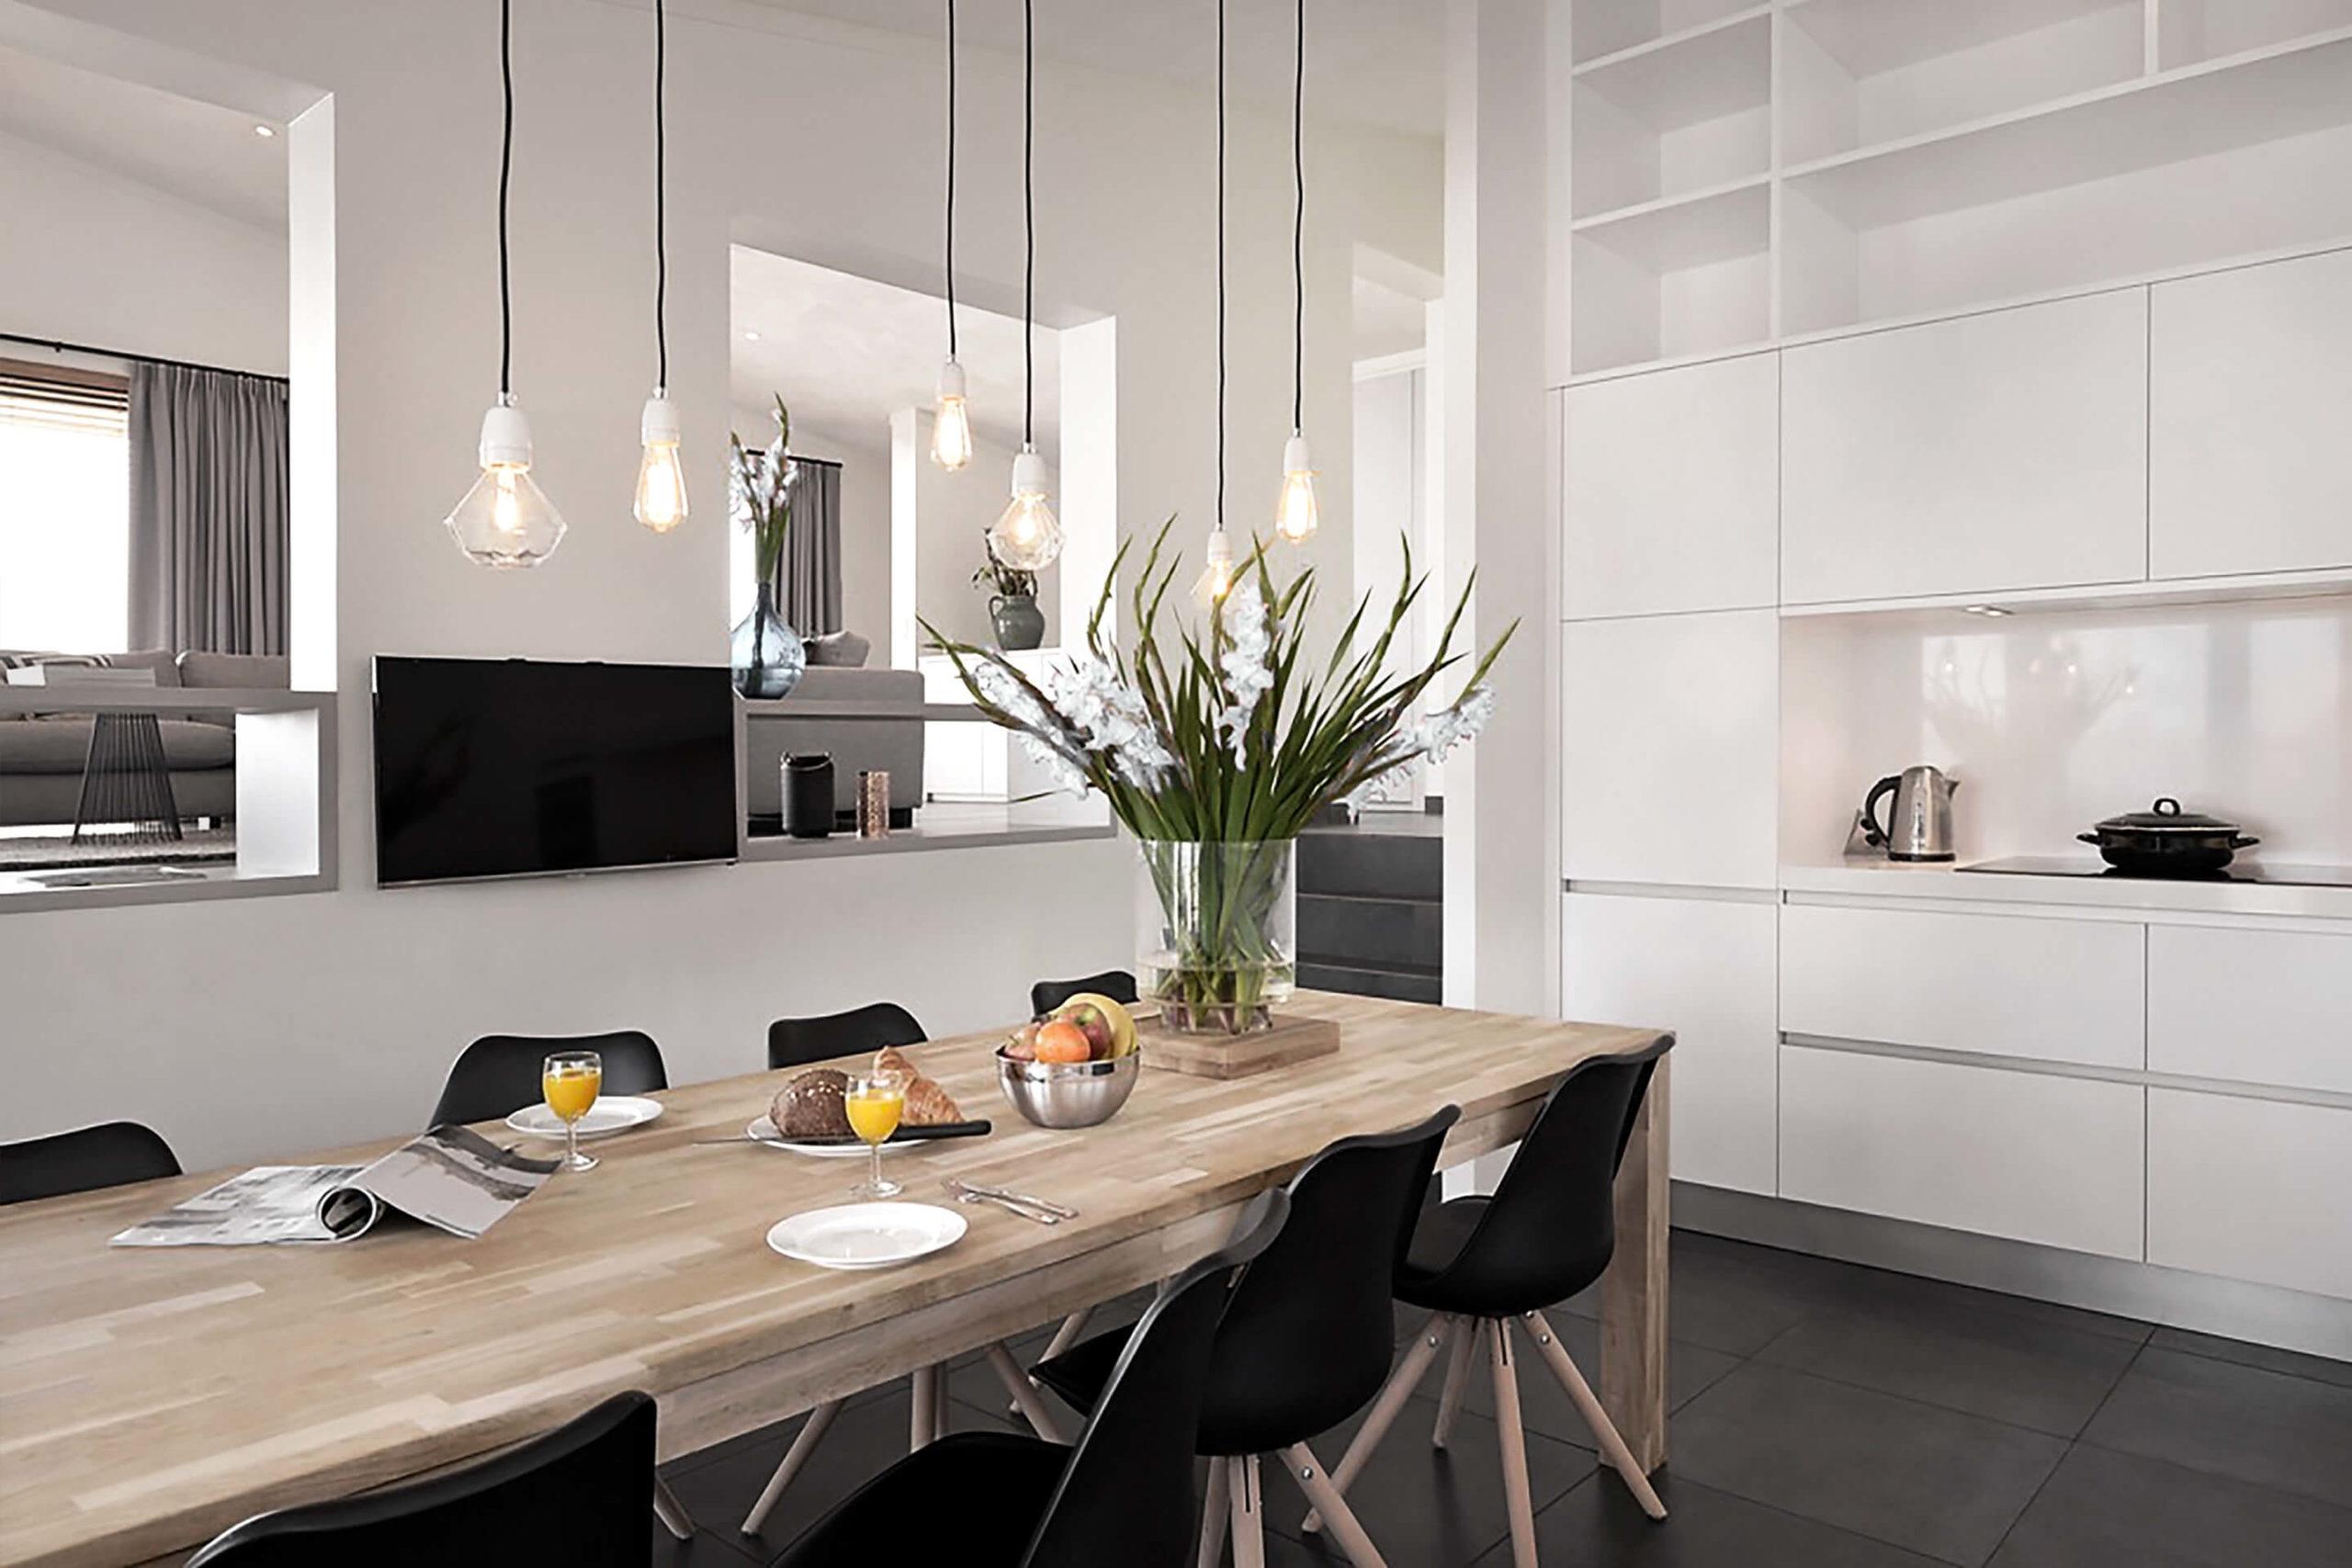 Strandvilla - interieurontwerp split-level keuken en woonkamer